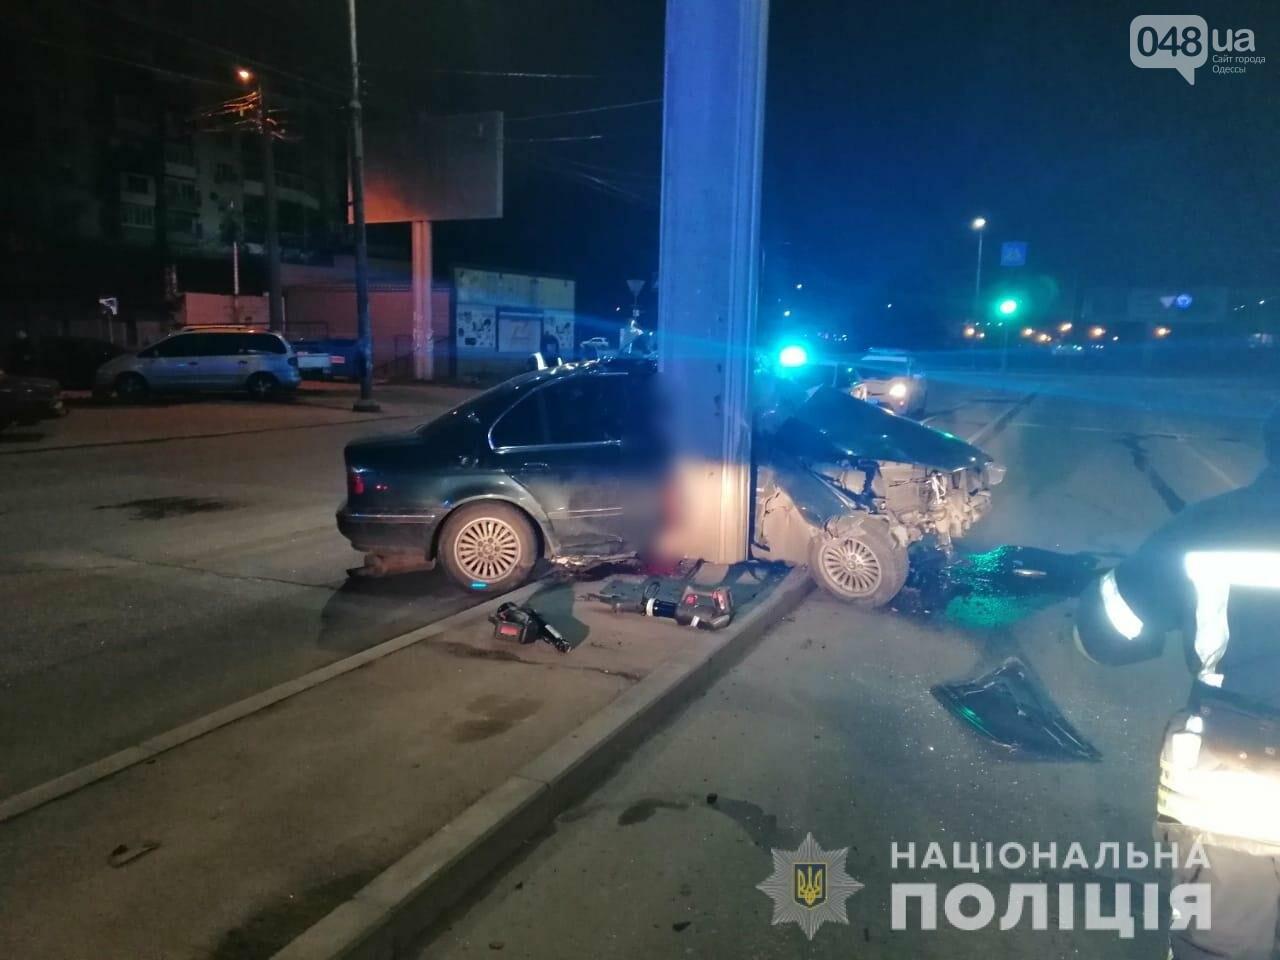 Водитель ночного ДТП в Одессе скончался в больнице, - ФОТО, фото-1